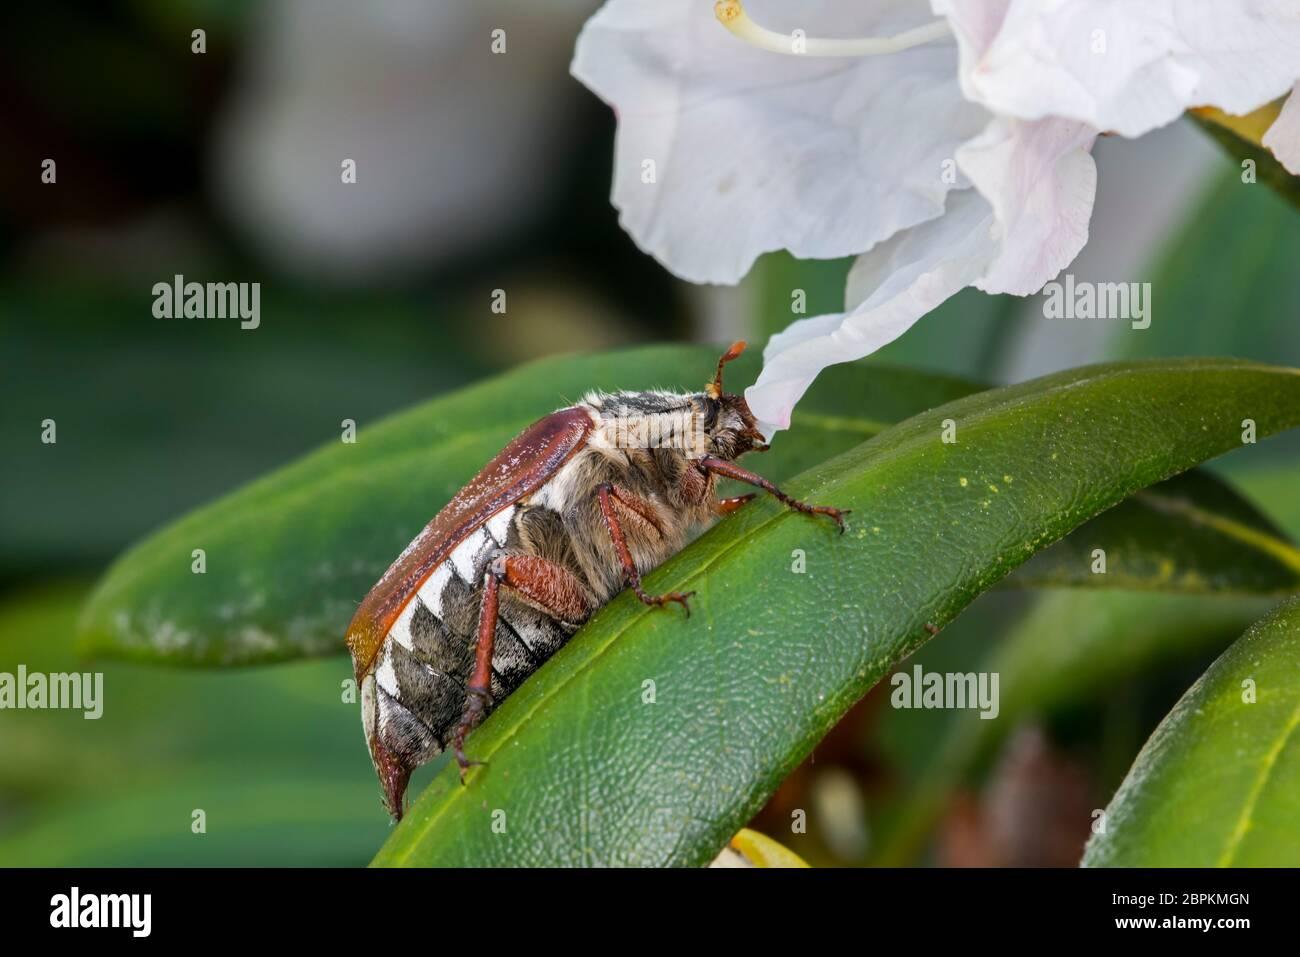 Costhéer commun / Maybug (Melolontha melolontha) sur la feuille de rhododendron en fleur dans le jardin au printemps Banque D'Images